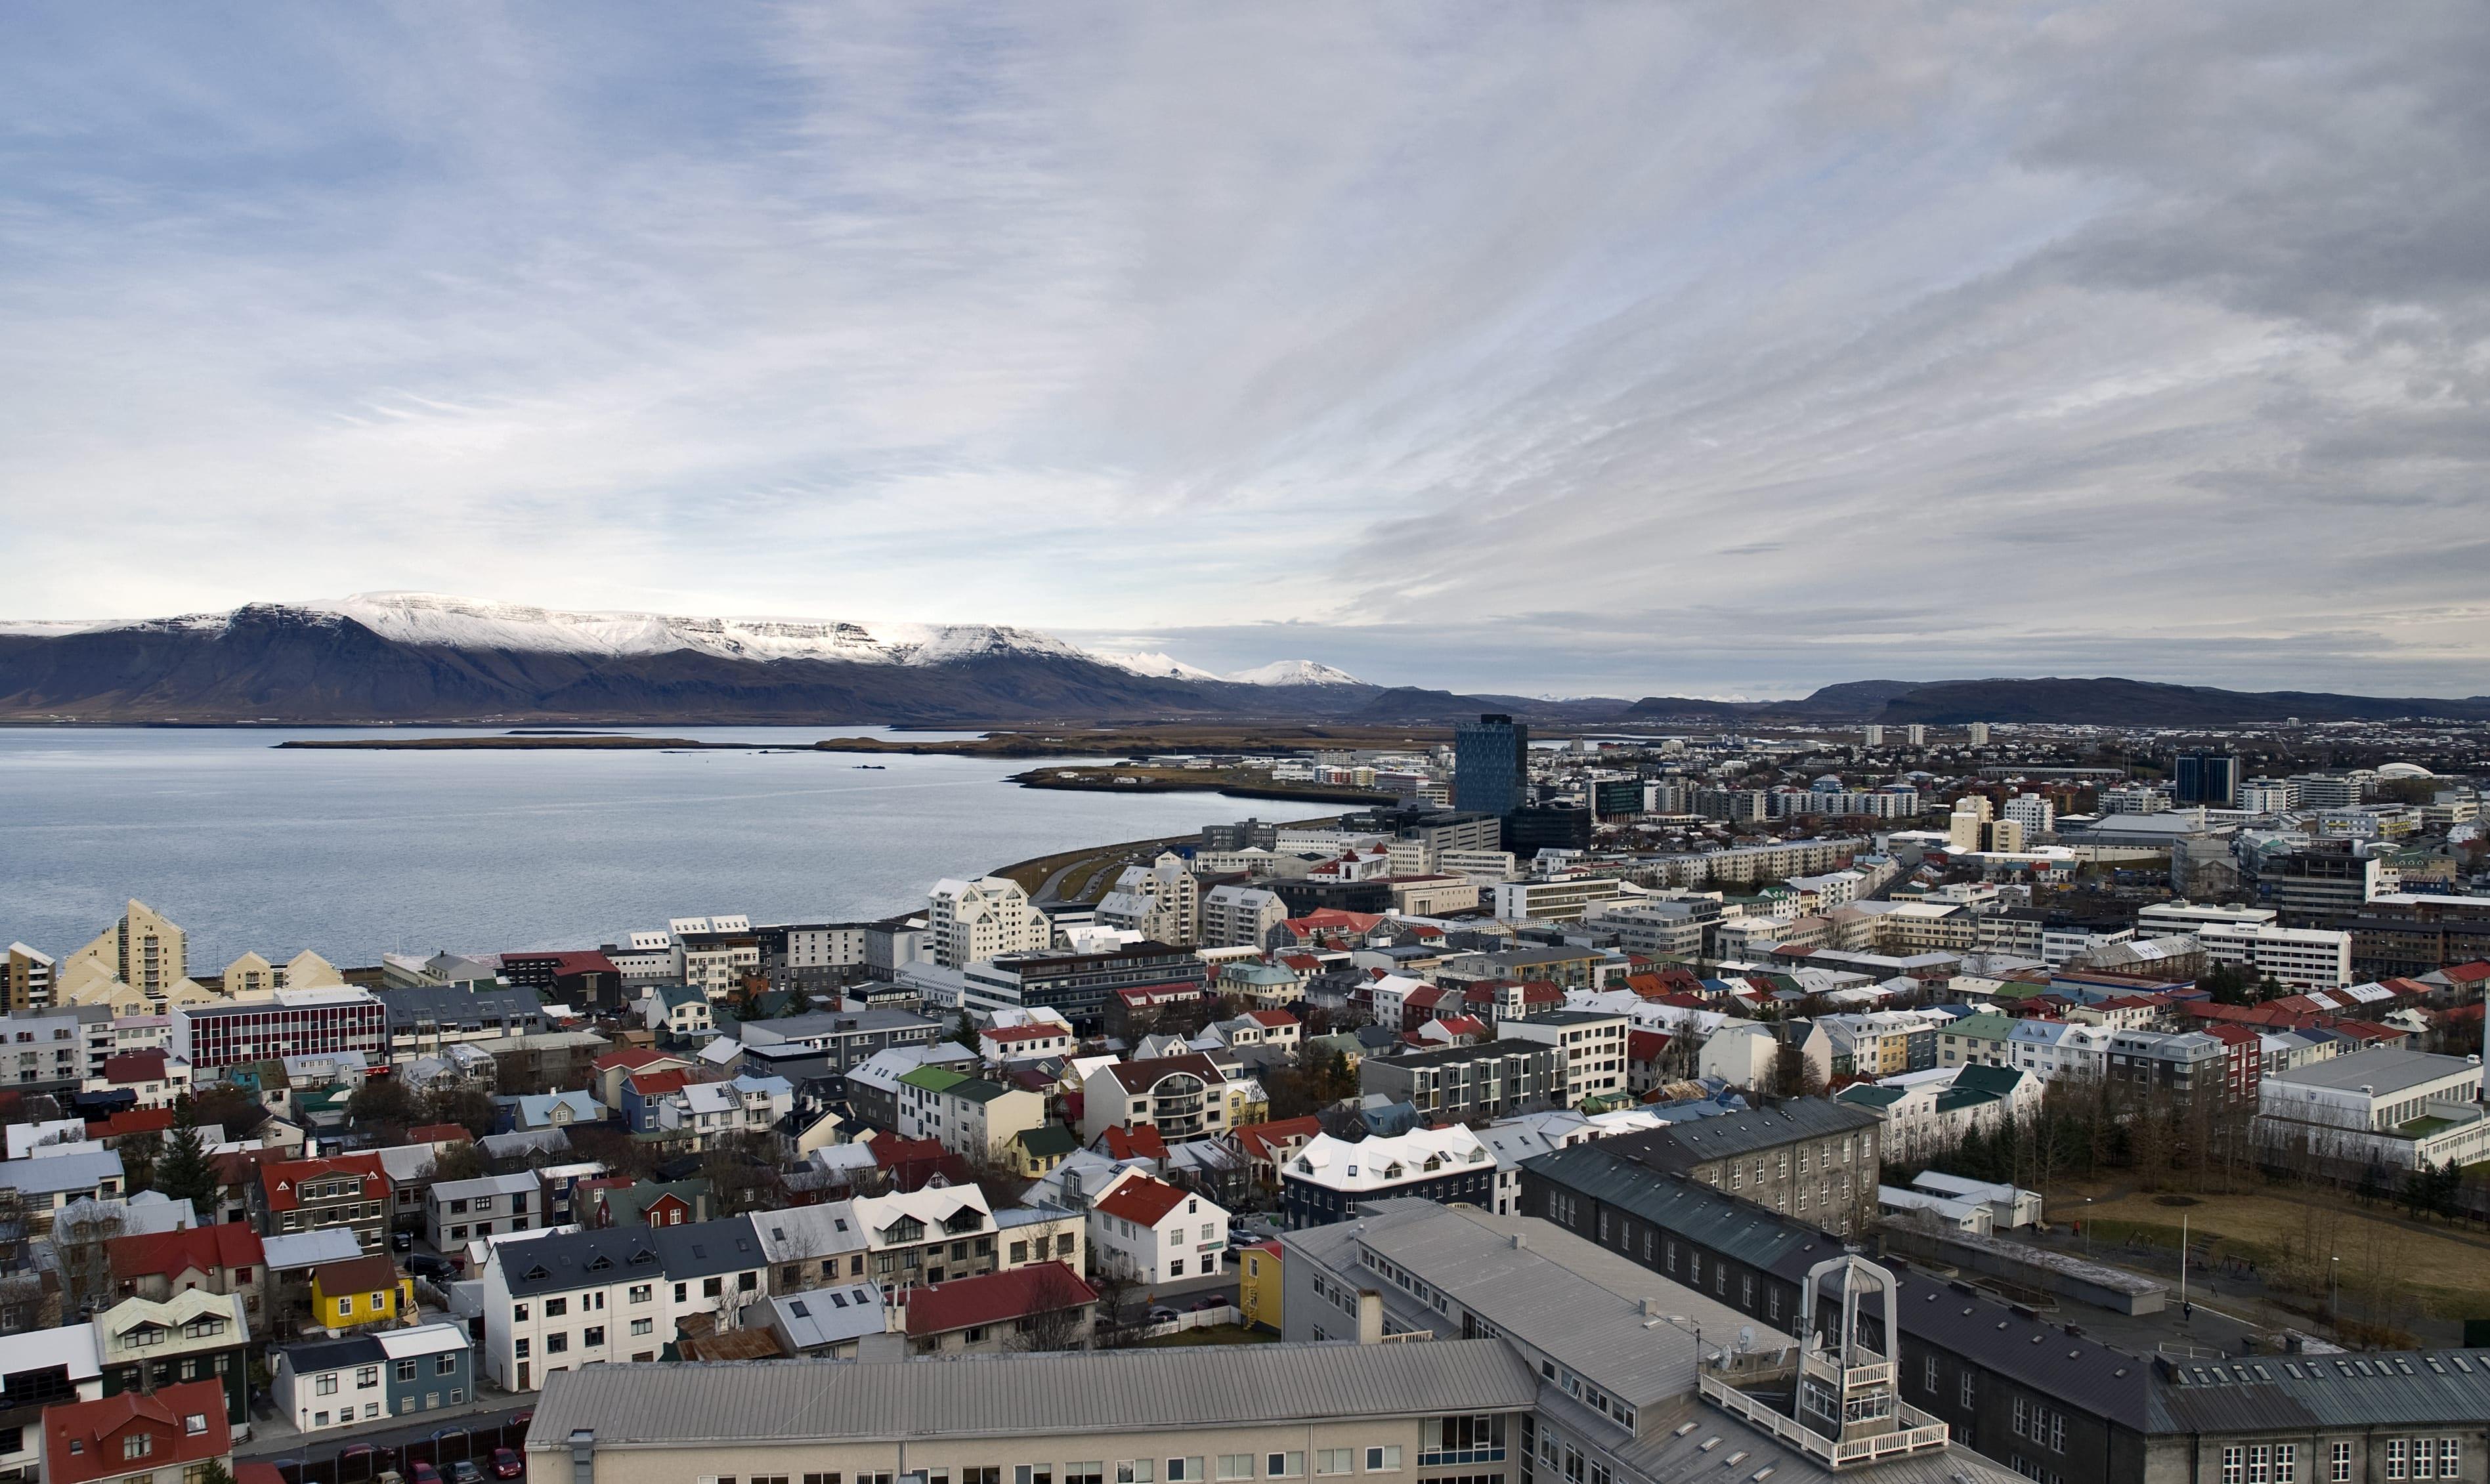 Snarpur jarðskjálfti fannst á höfuðborgarsvæðinu